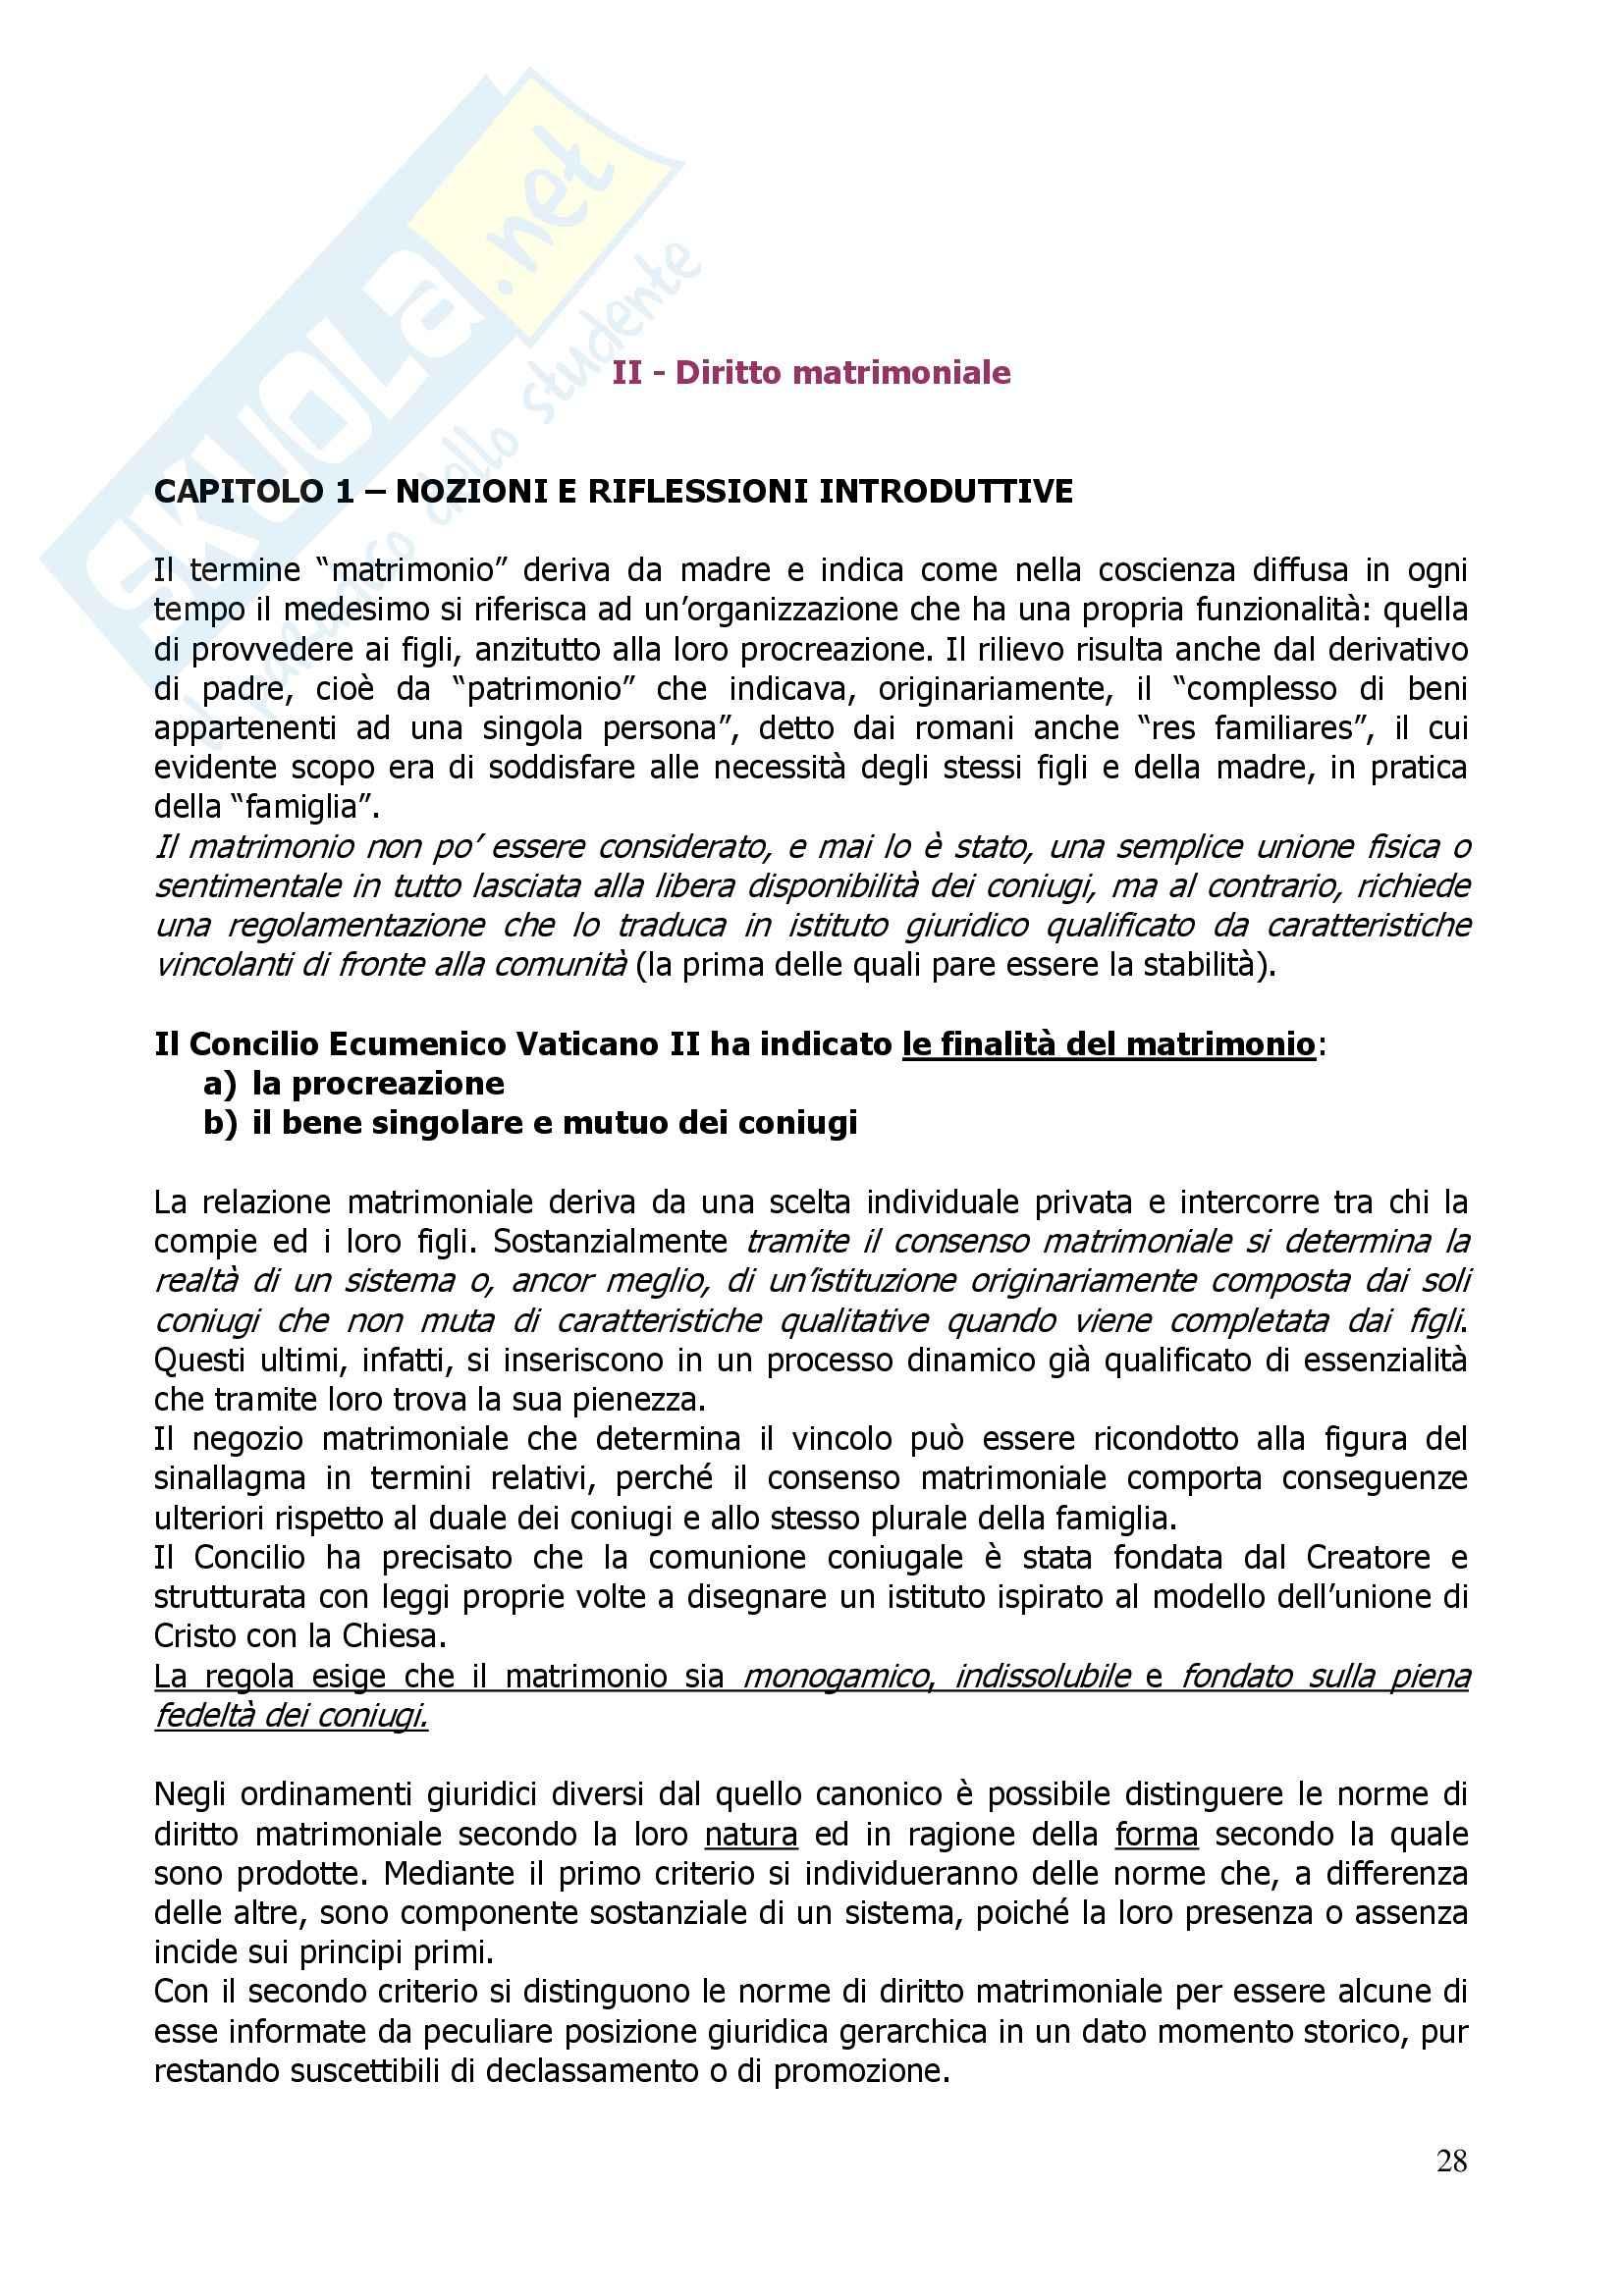 Riassunto esame Diritto Canonico, prof. Miele, libro consigliato Diritto Canonico (nozioni e riflessioni), Gherro - seconda parte